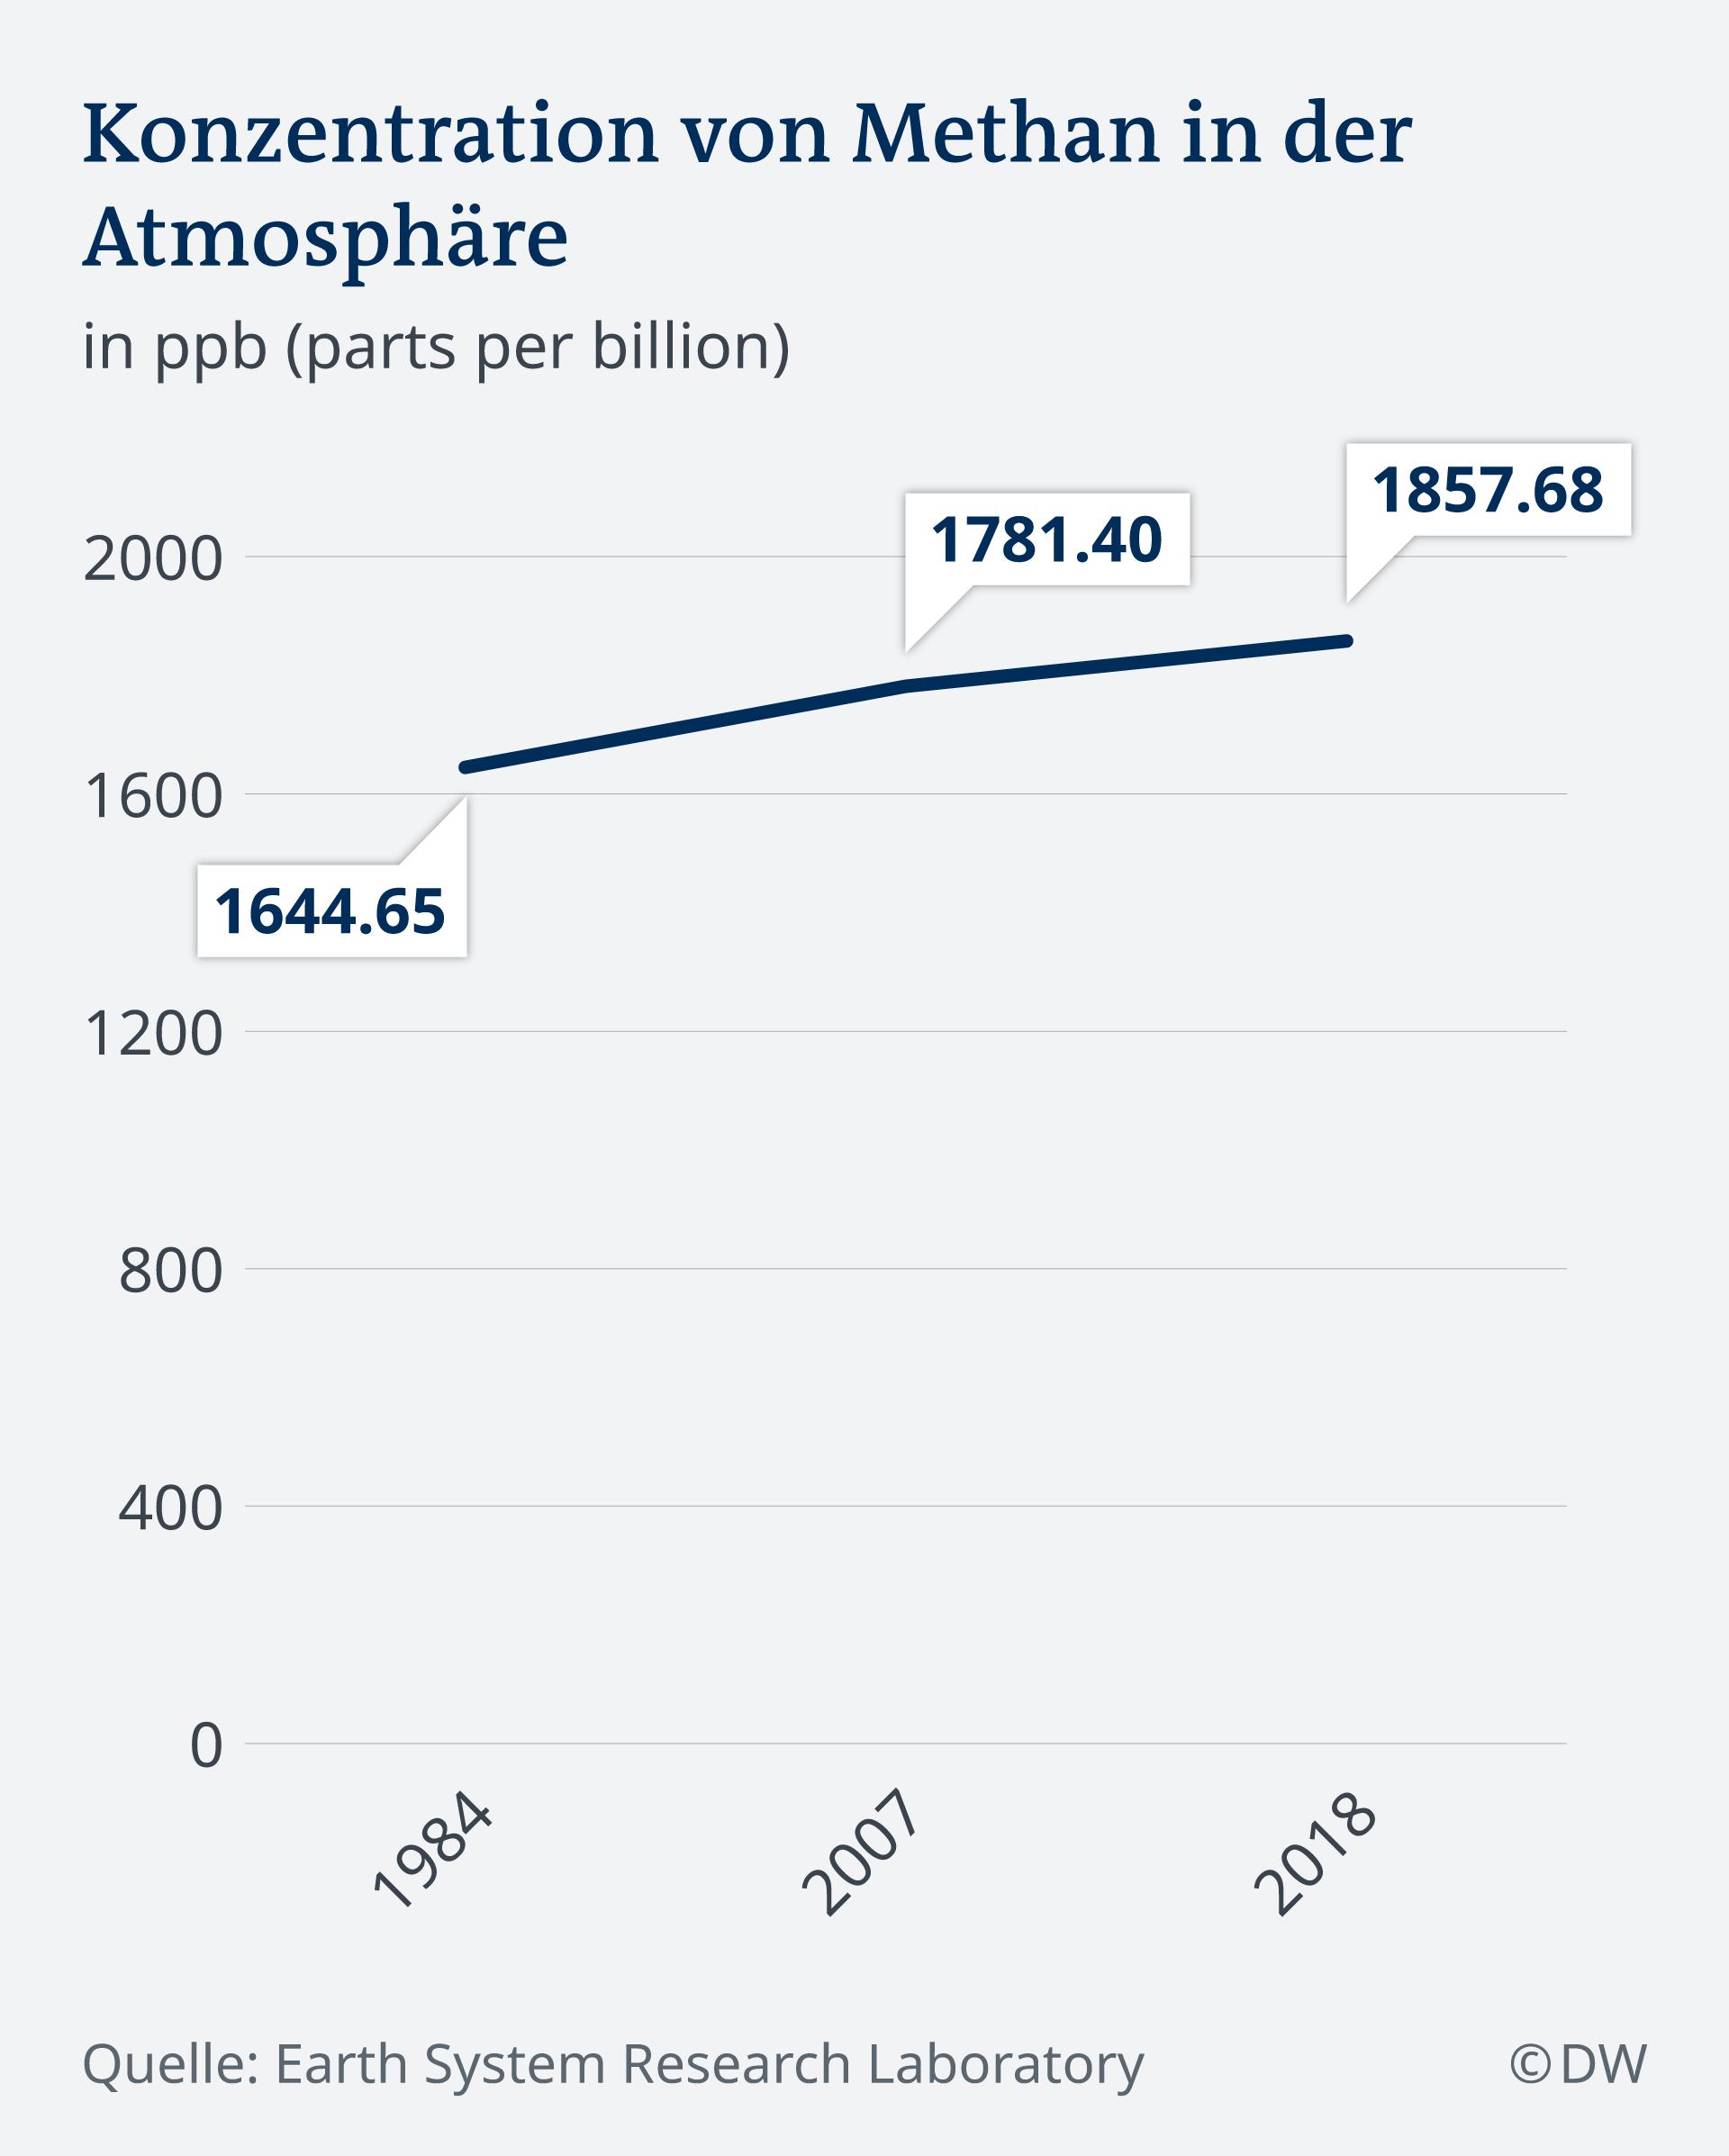 Infografik zur Konzentration von Methan in der Atmosphäre